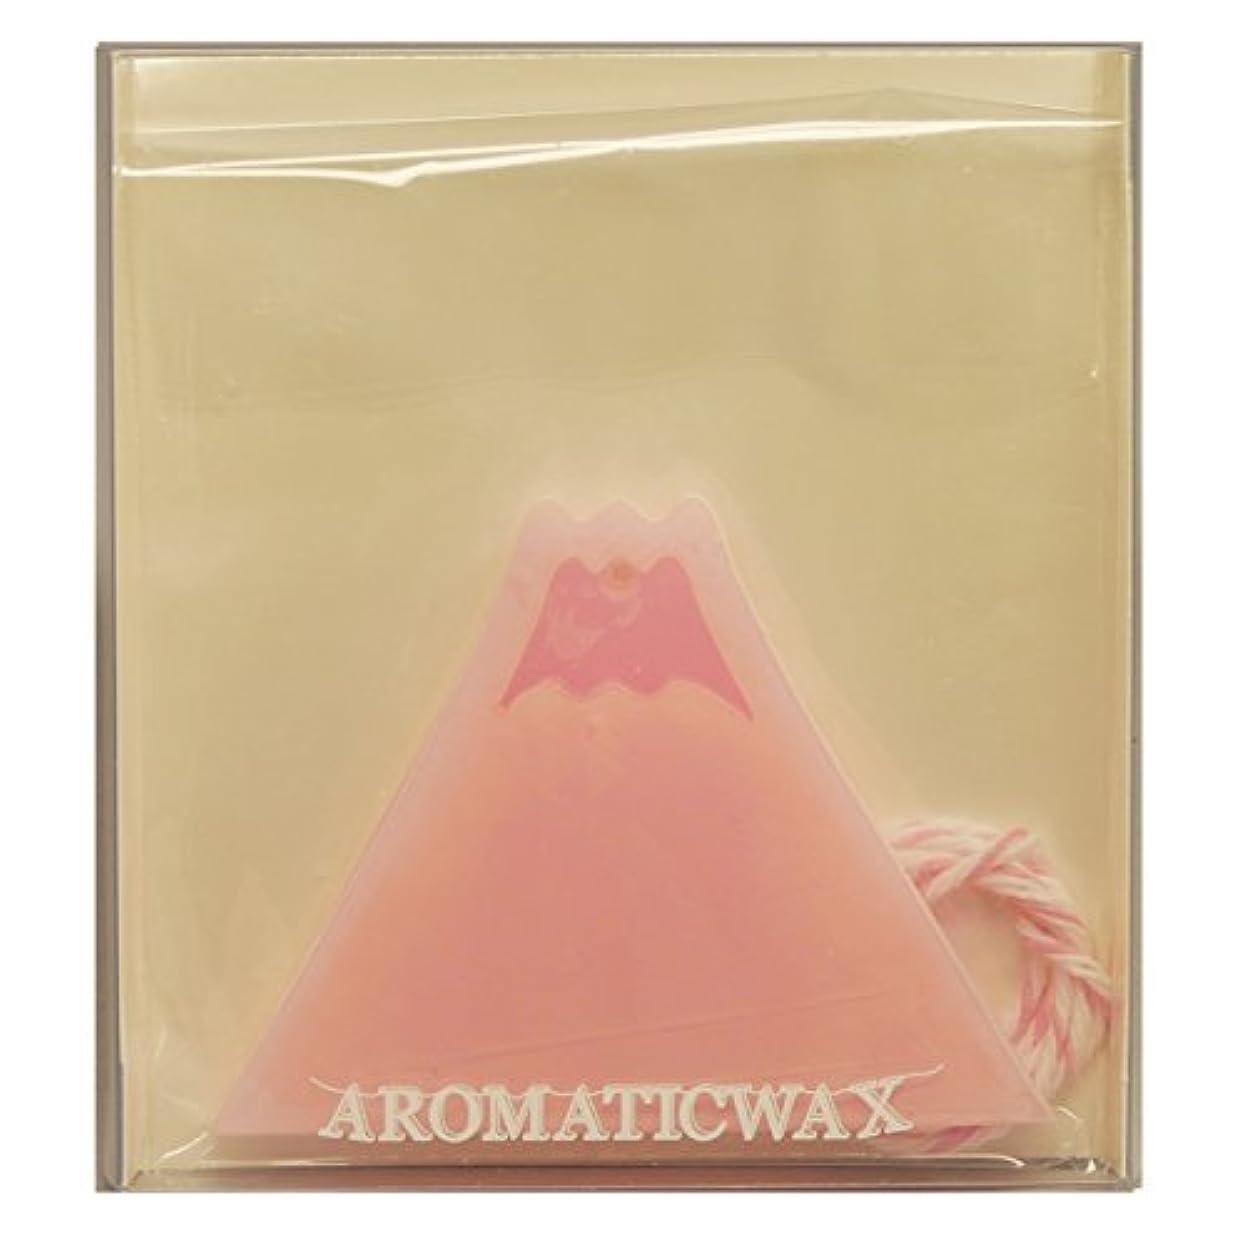 嫌な以内にダメージGRASSE TOKYO AROMATICWAXチャーム「富士山」(PI) ゼラニウム アロマティックワックス グラーストウキョウ